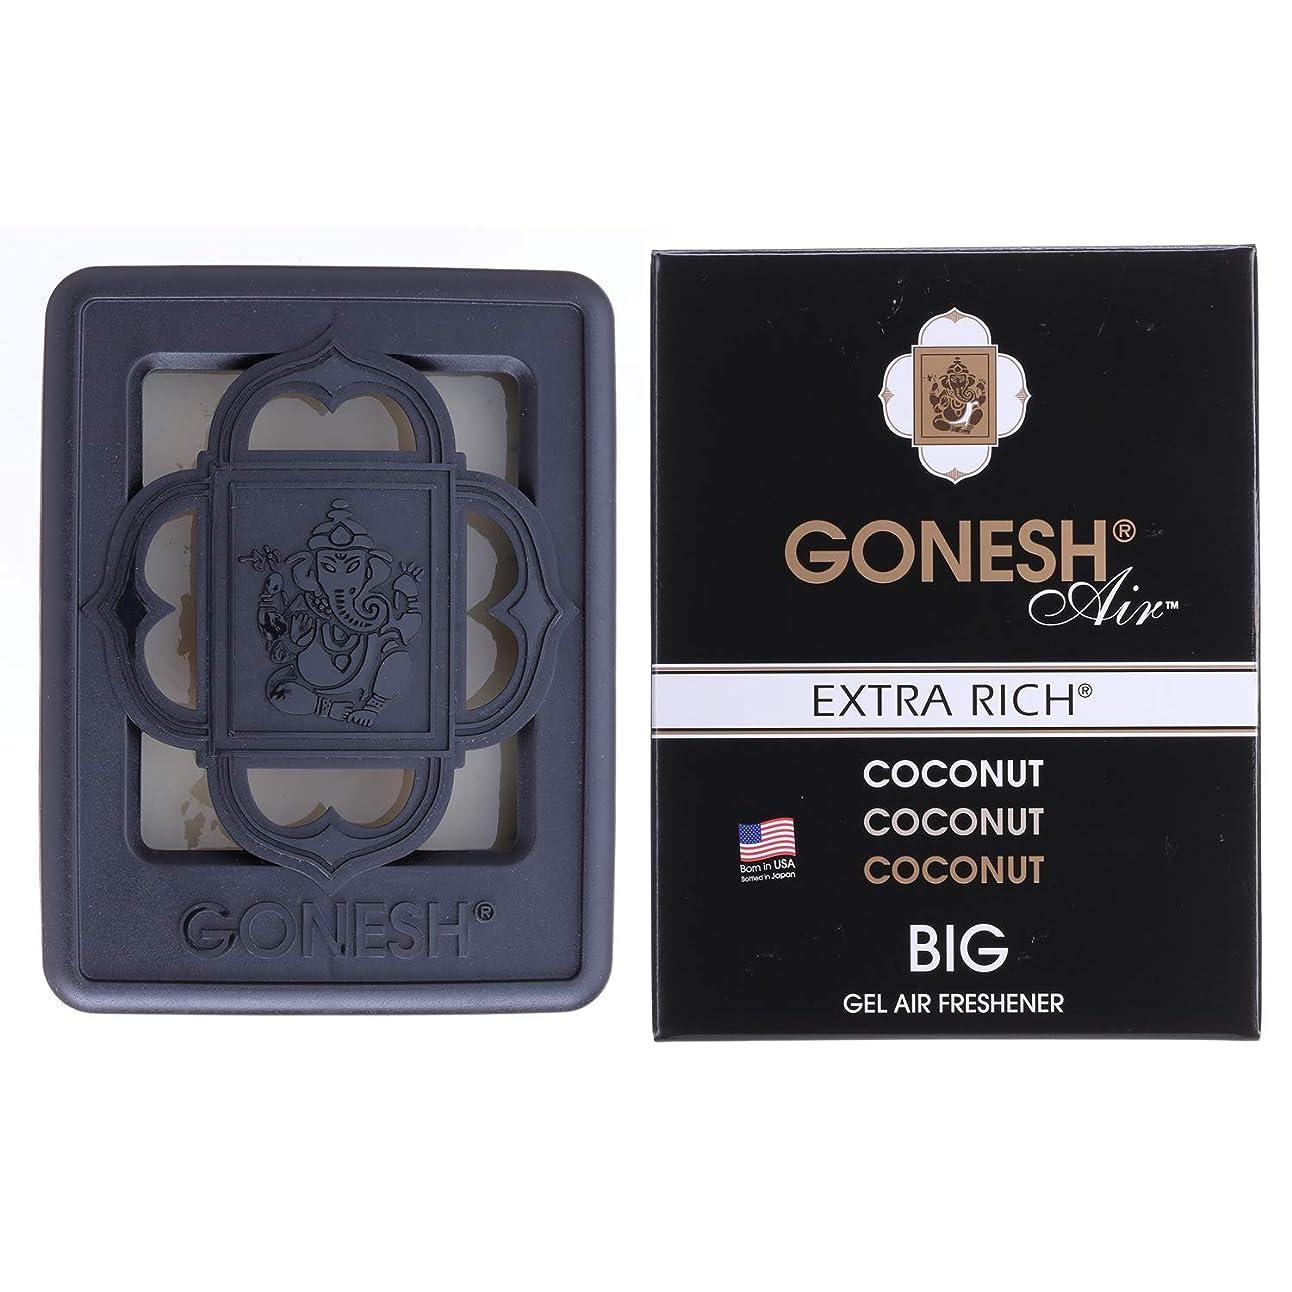 講師媒染剤女王GONESH(ガーネッシュ)ビッグゲルエアフレッシュナー ココナッツ(ココナッツの香り)